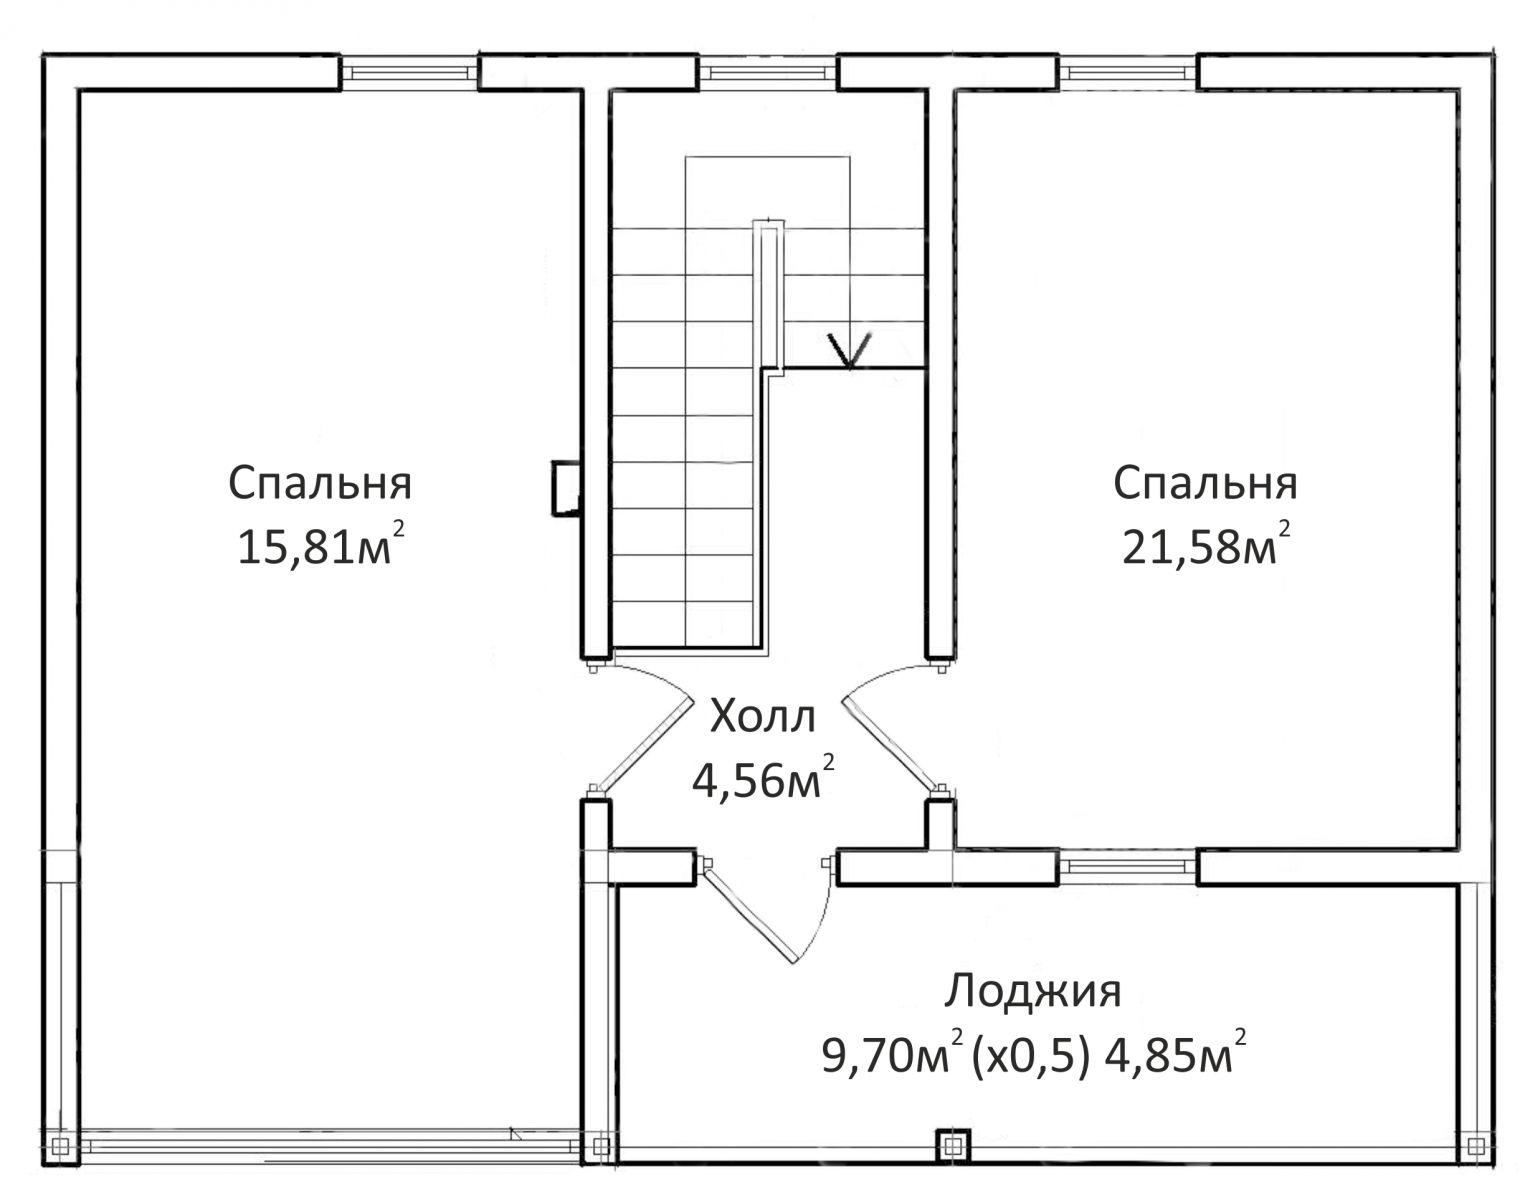 Eney_lodzhiya_plan_2_site